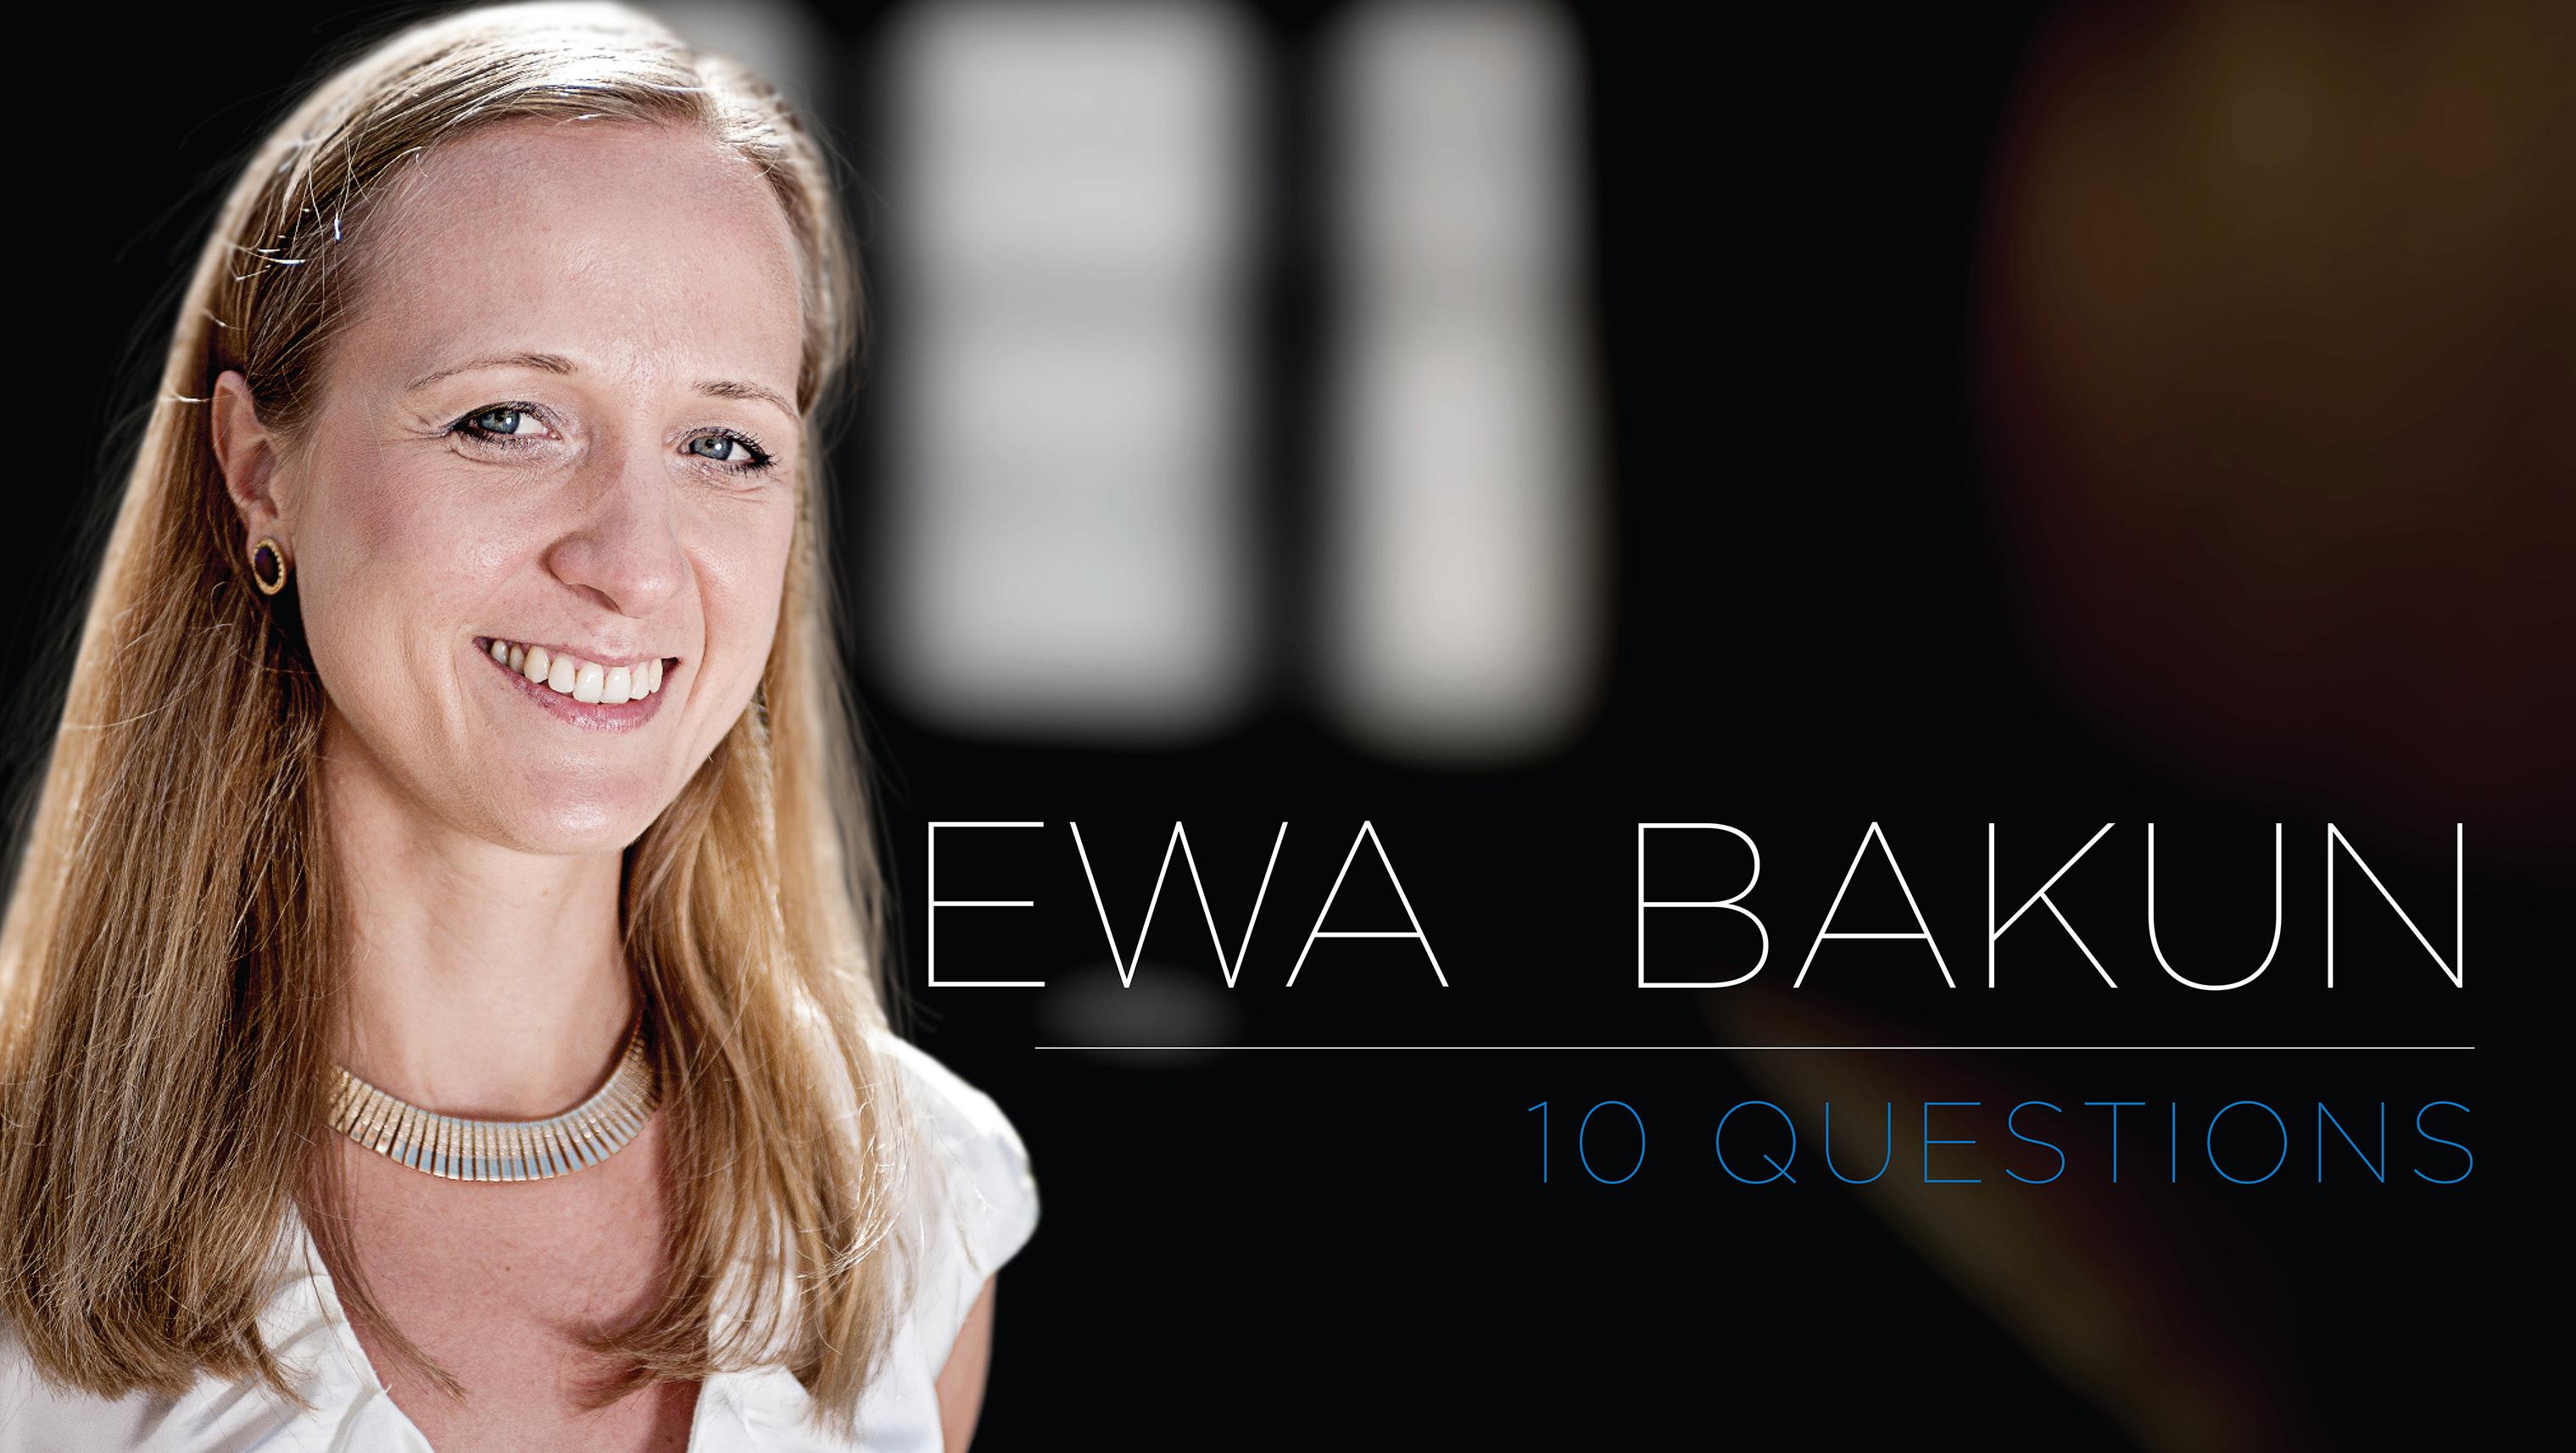 10 Questions - Ewa Bakun